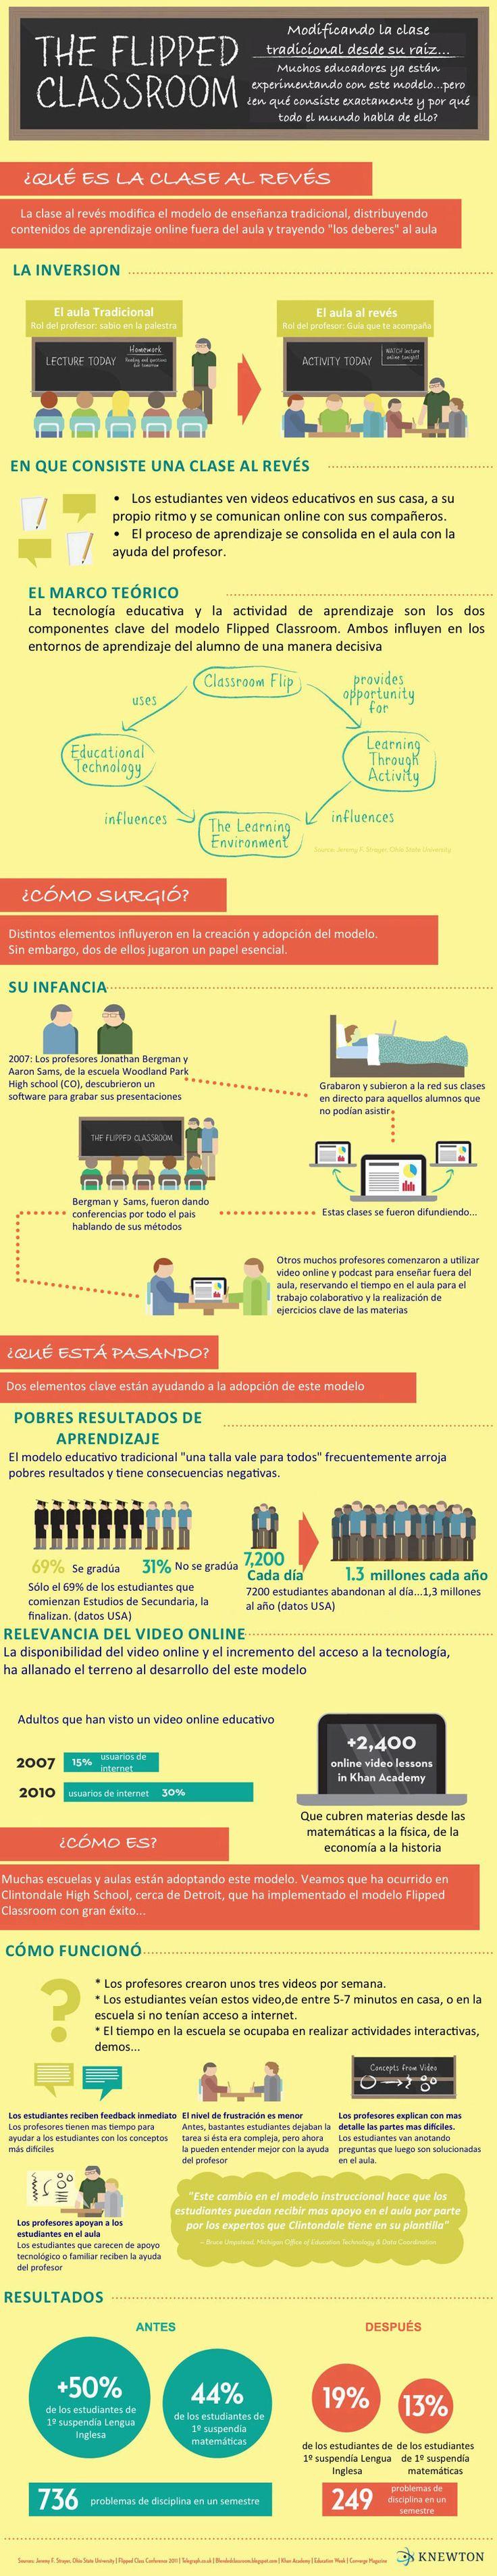 Entendiendo el Aula Invertida o Flipped Classroom | #Infografía #Educación